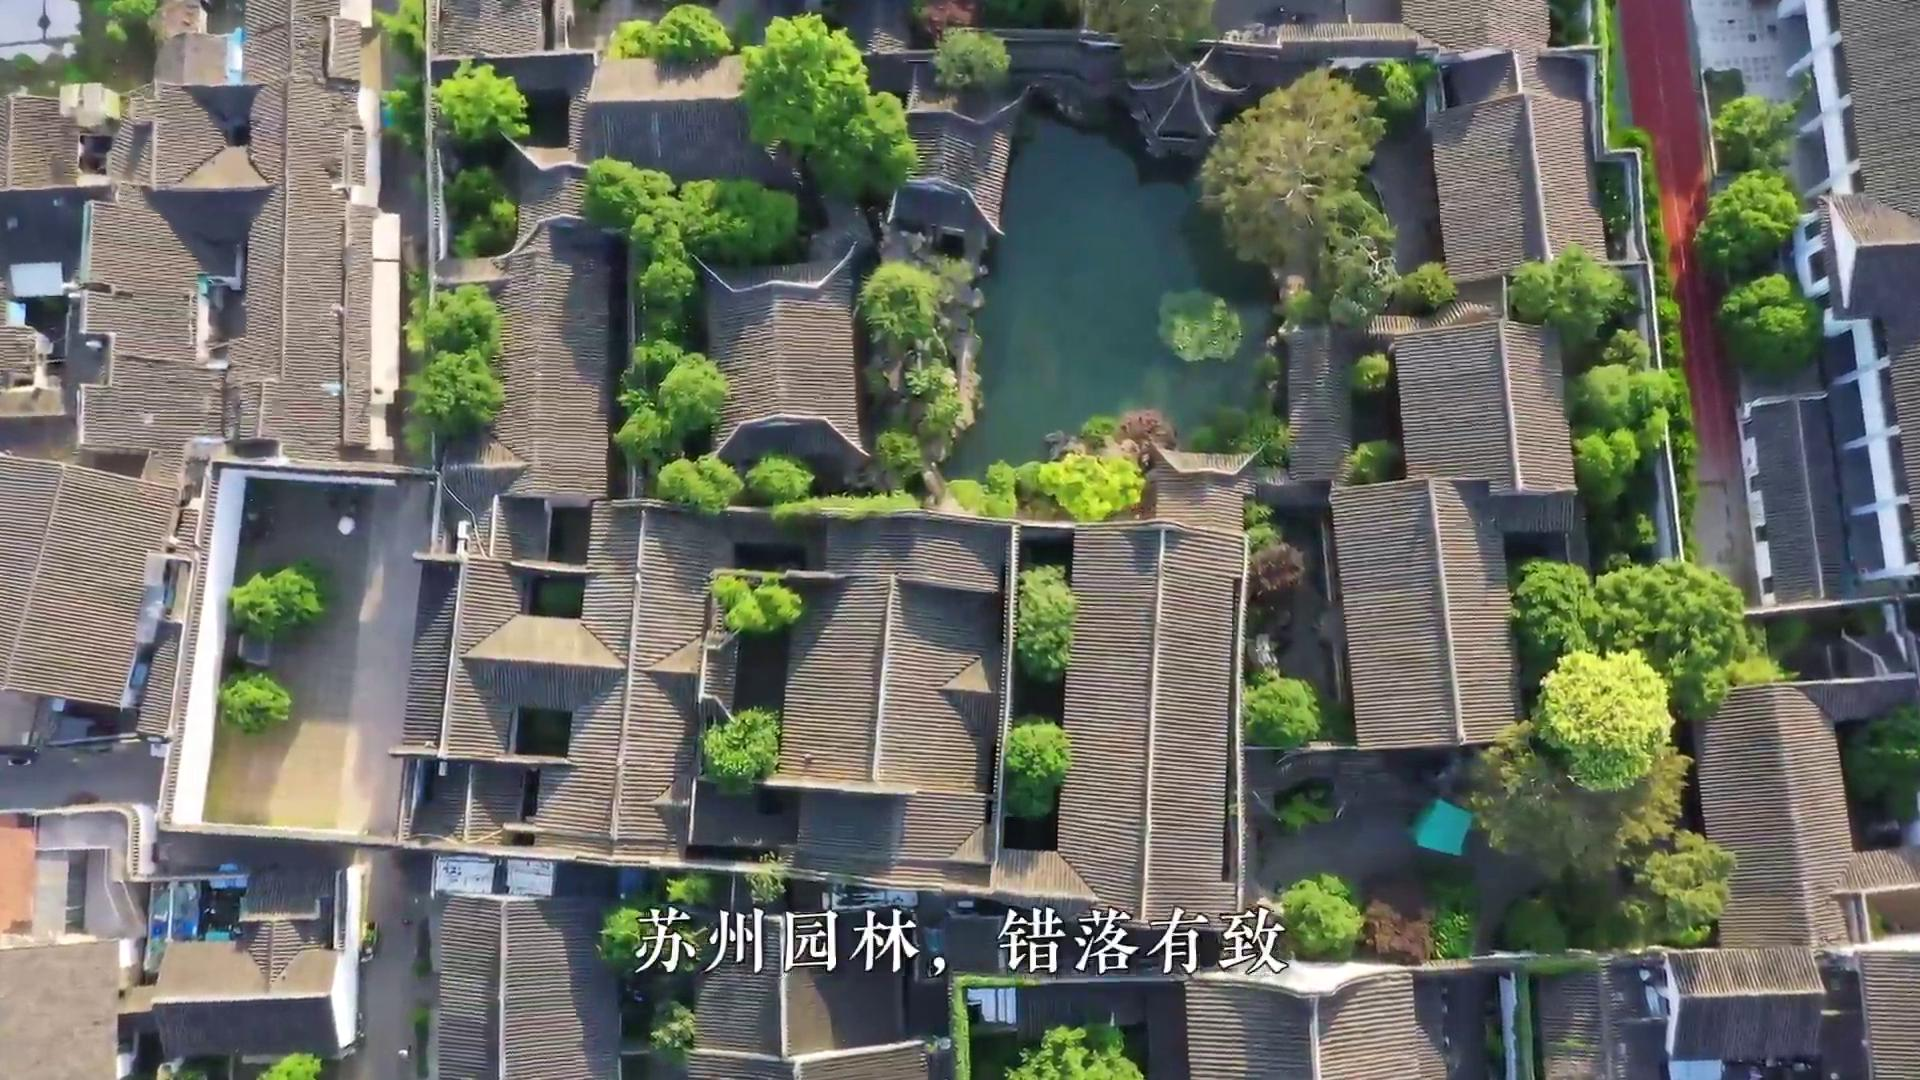 《生态中国·十期十美》江苏篇·灵秀姑苏醉江南